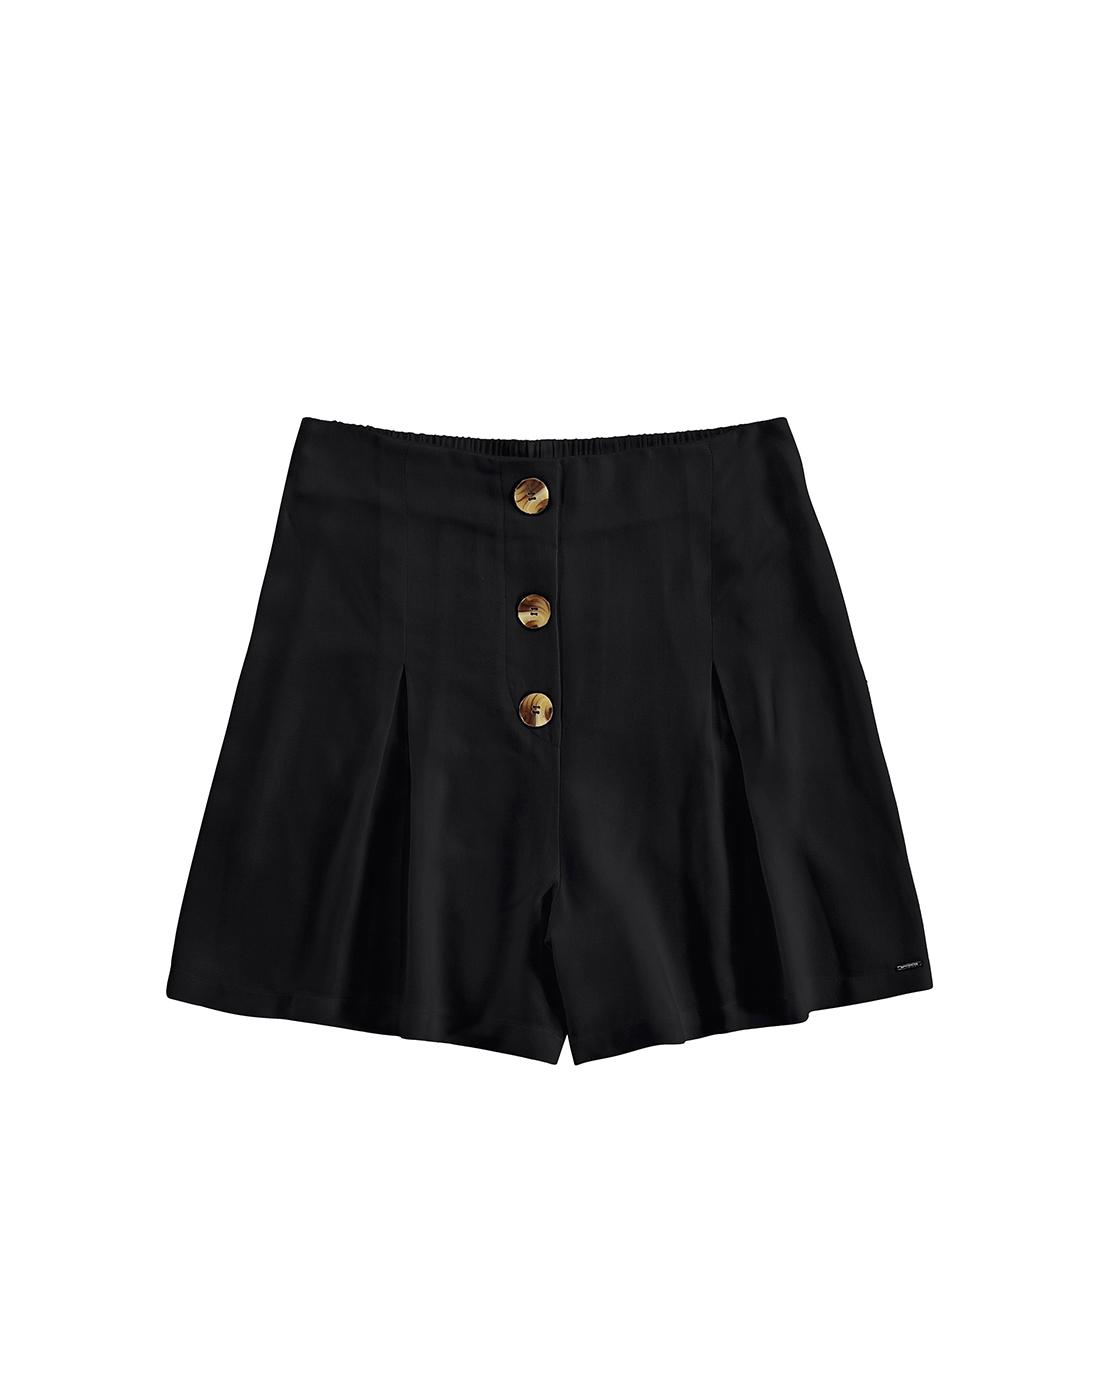 Shorts em Tecido Rayon Preto Reativo Lunender